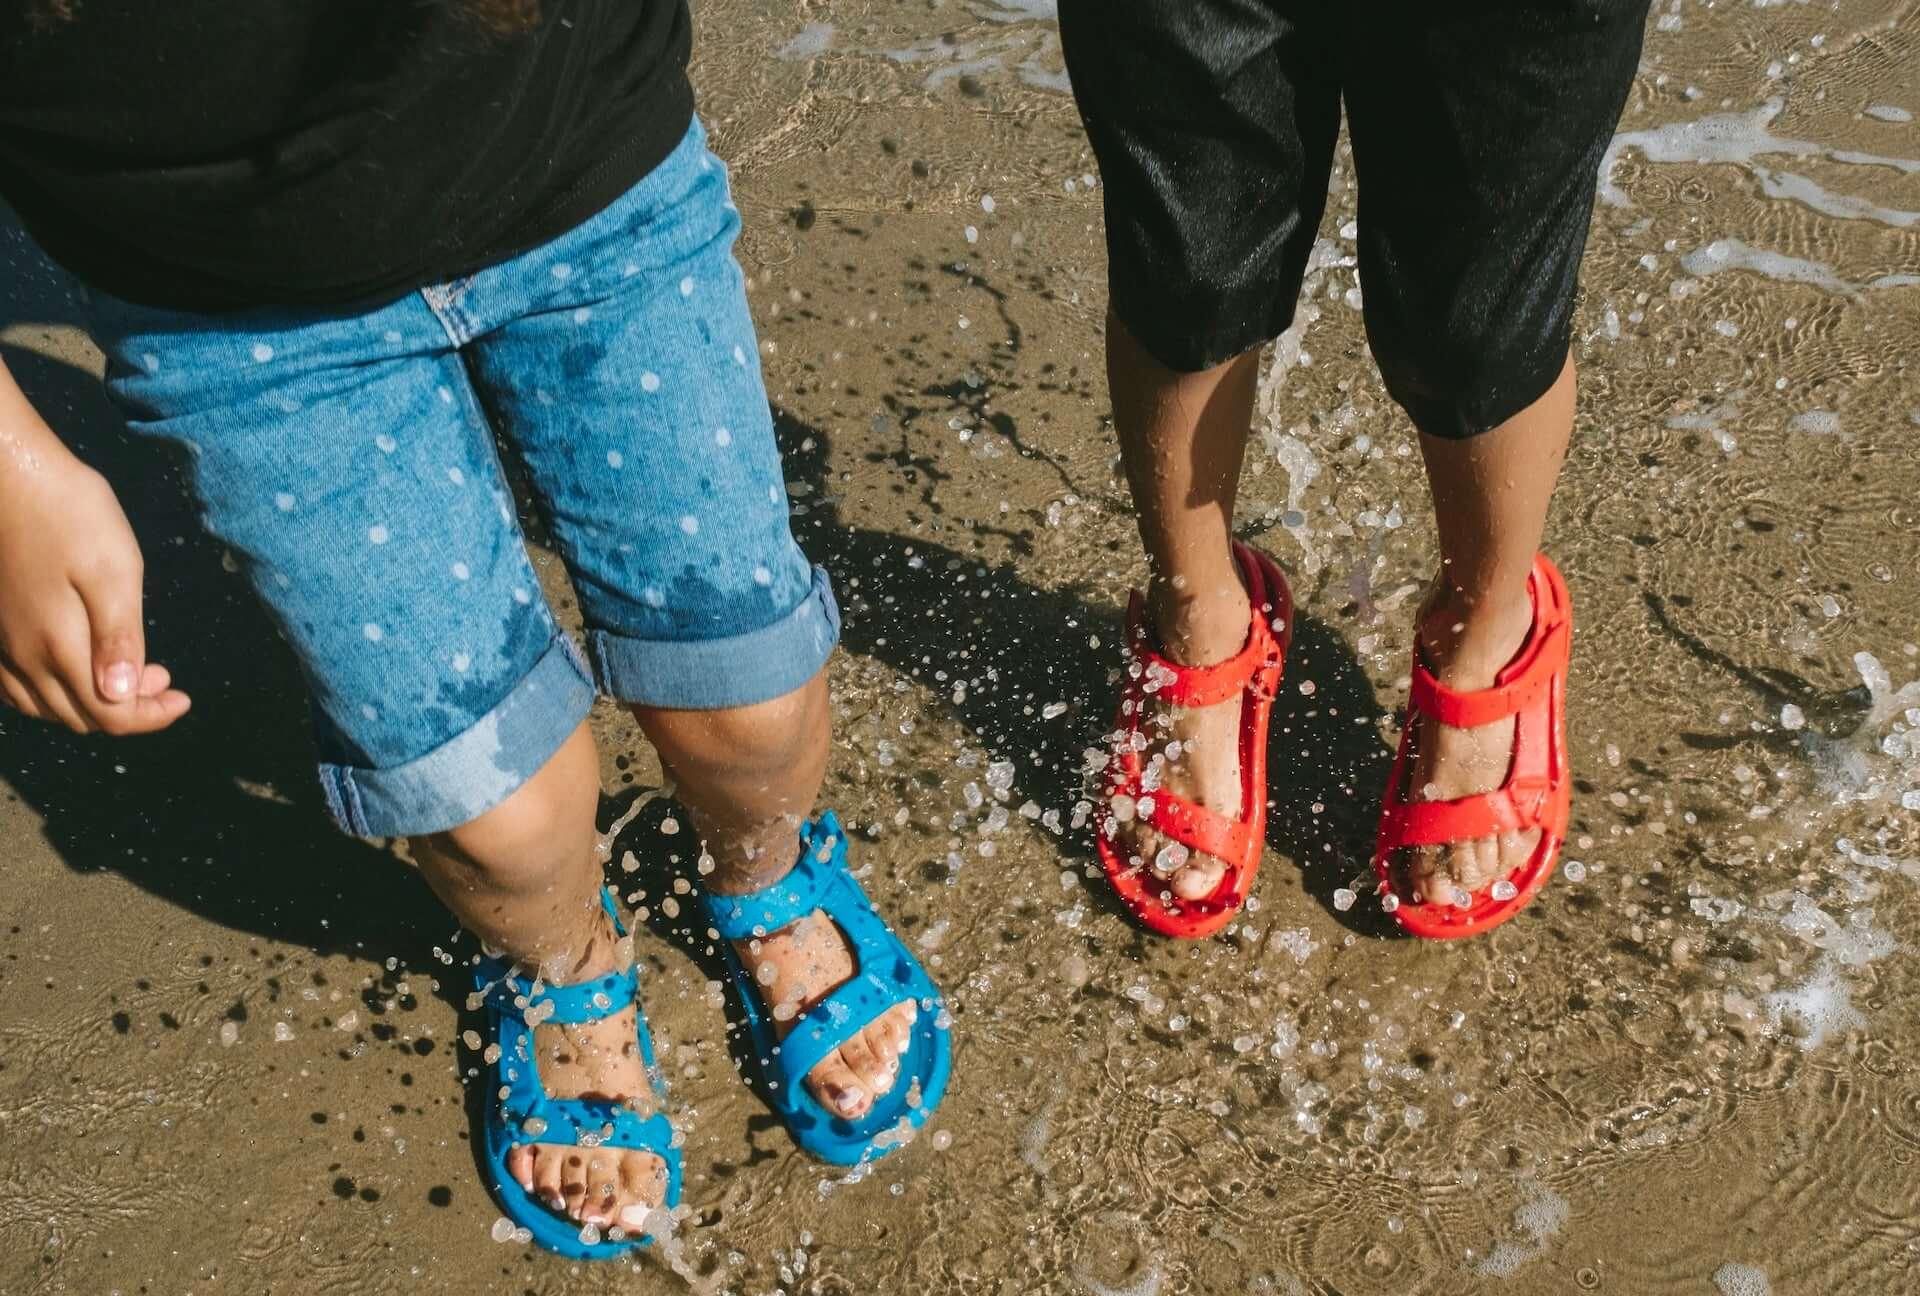 Tevaの濡れてもすぐ乾くスポーツサンダル「DRIFT COLLECTION」が登場!夏にぴったりなビビッドカラーの新色も lf200424_teva_10-1920x1296